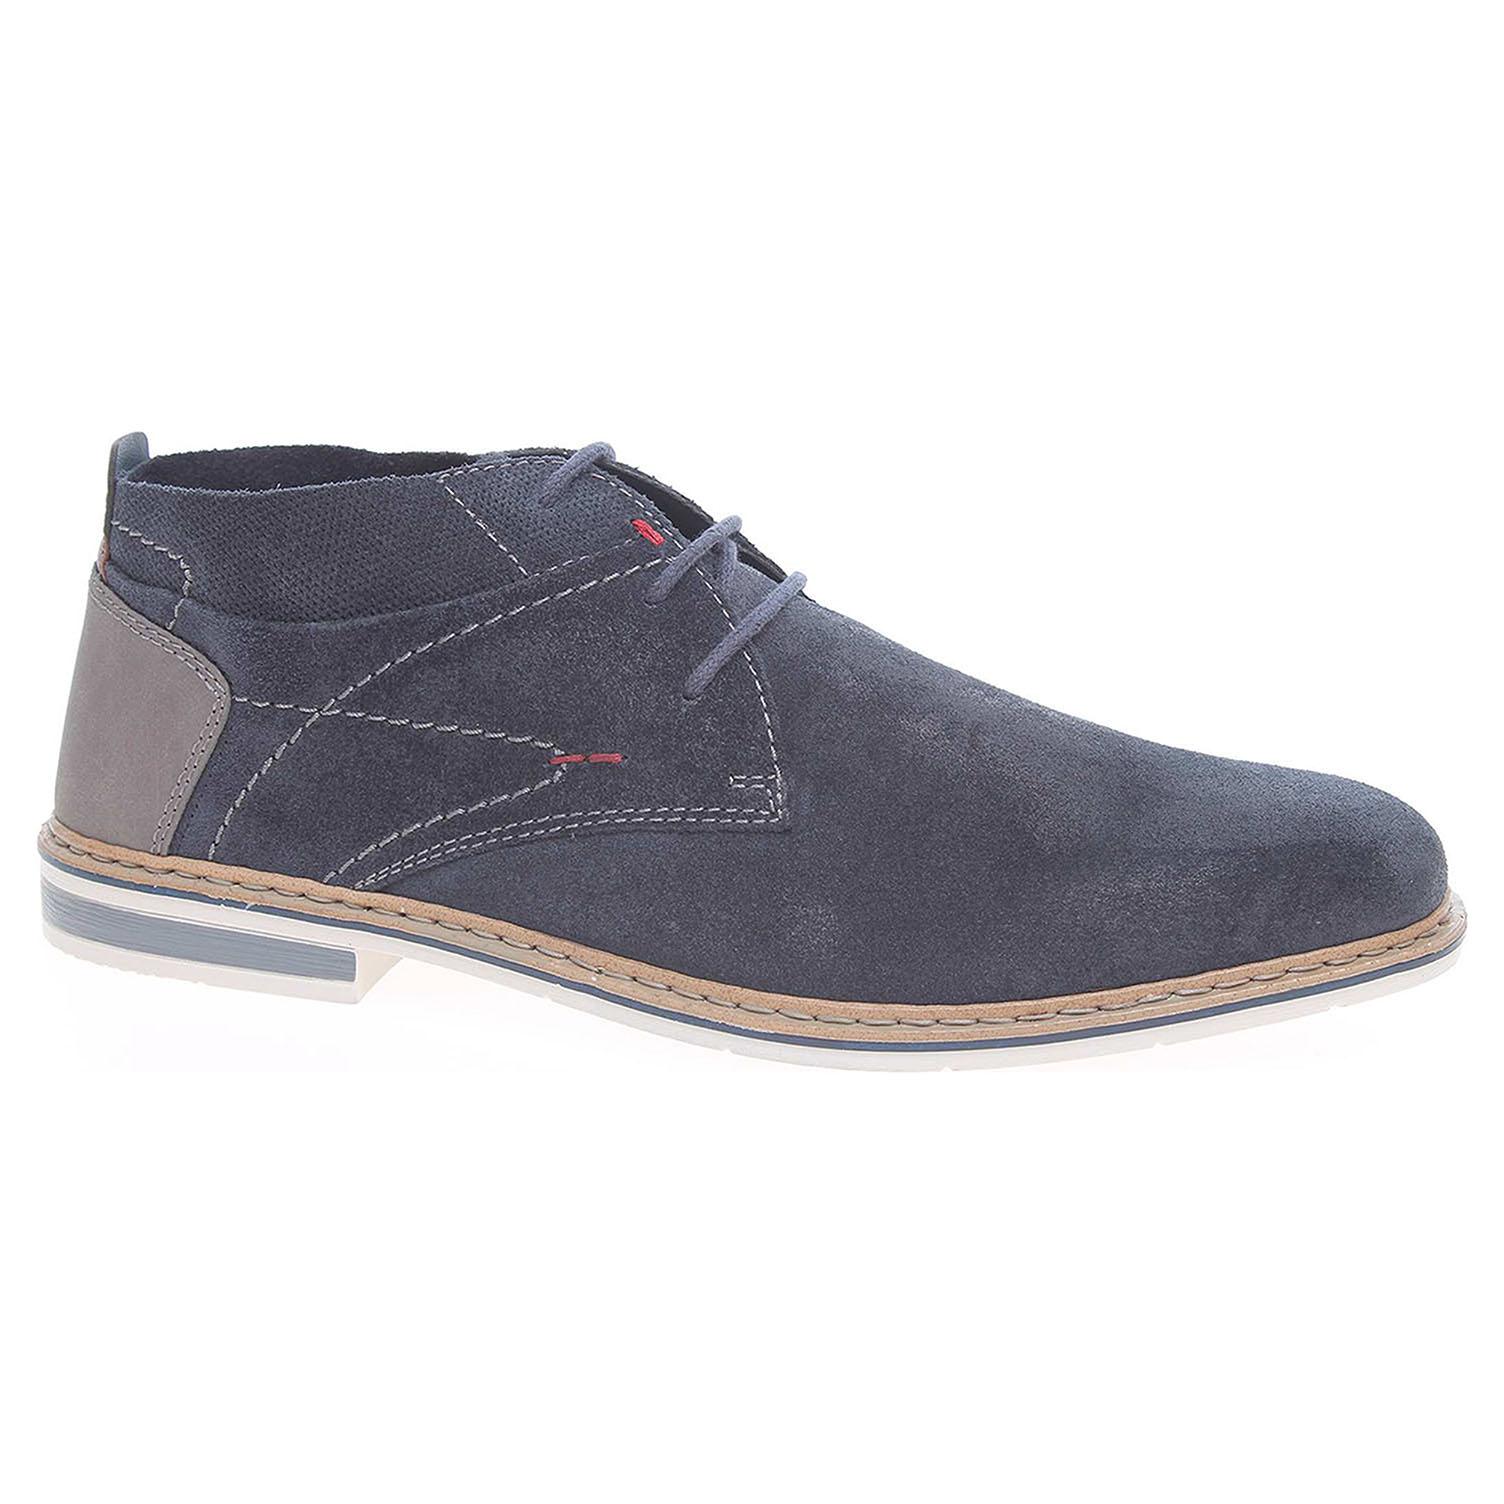 Pánská kotníková obuv Rieker B1723-15 modré 44